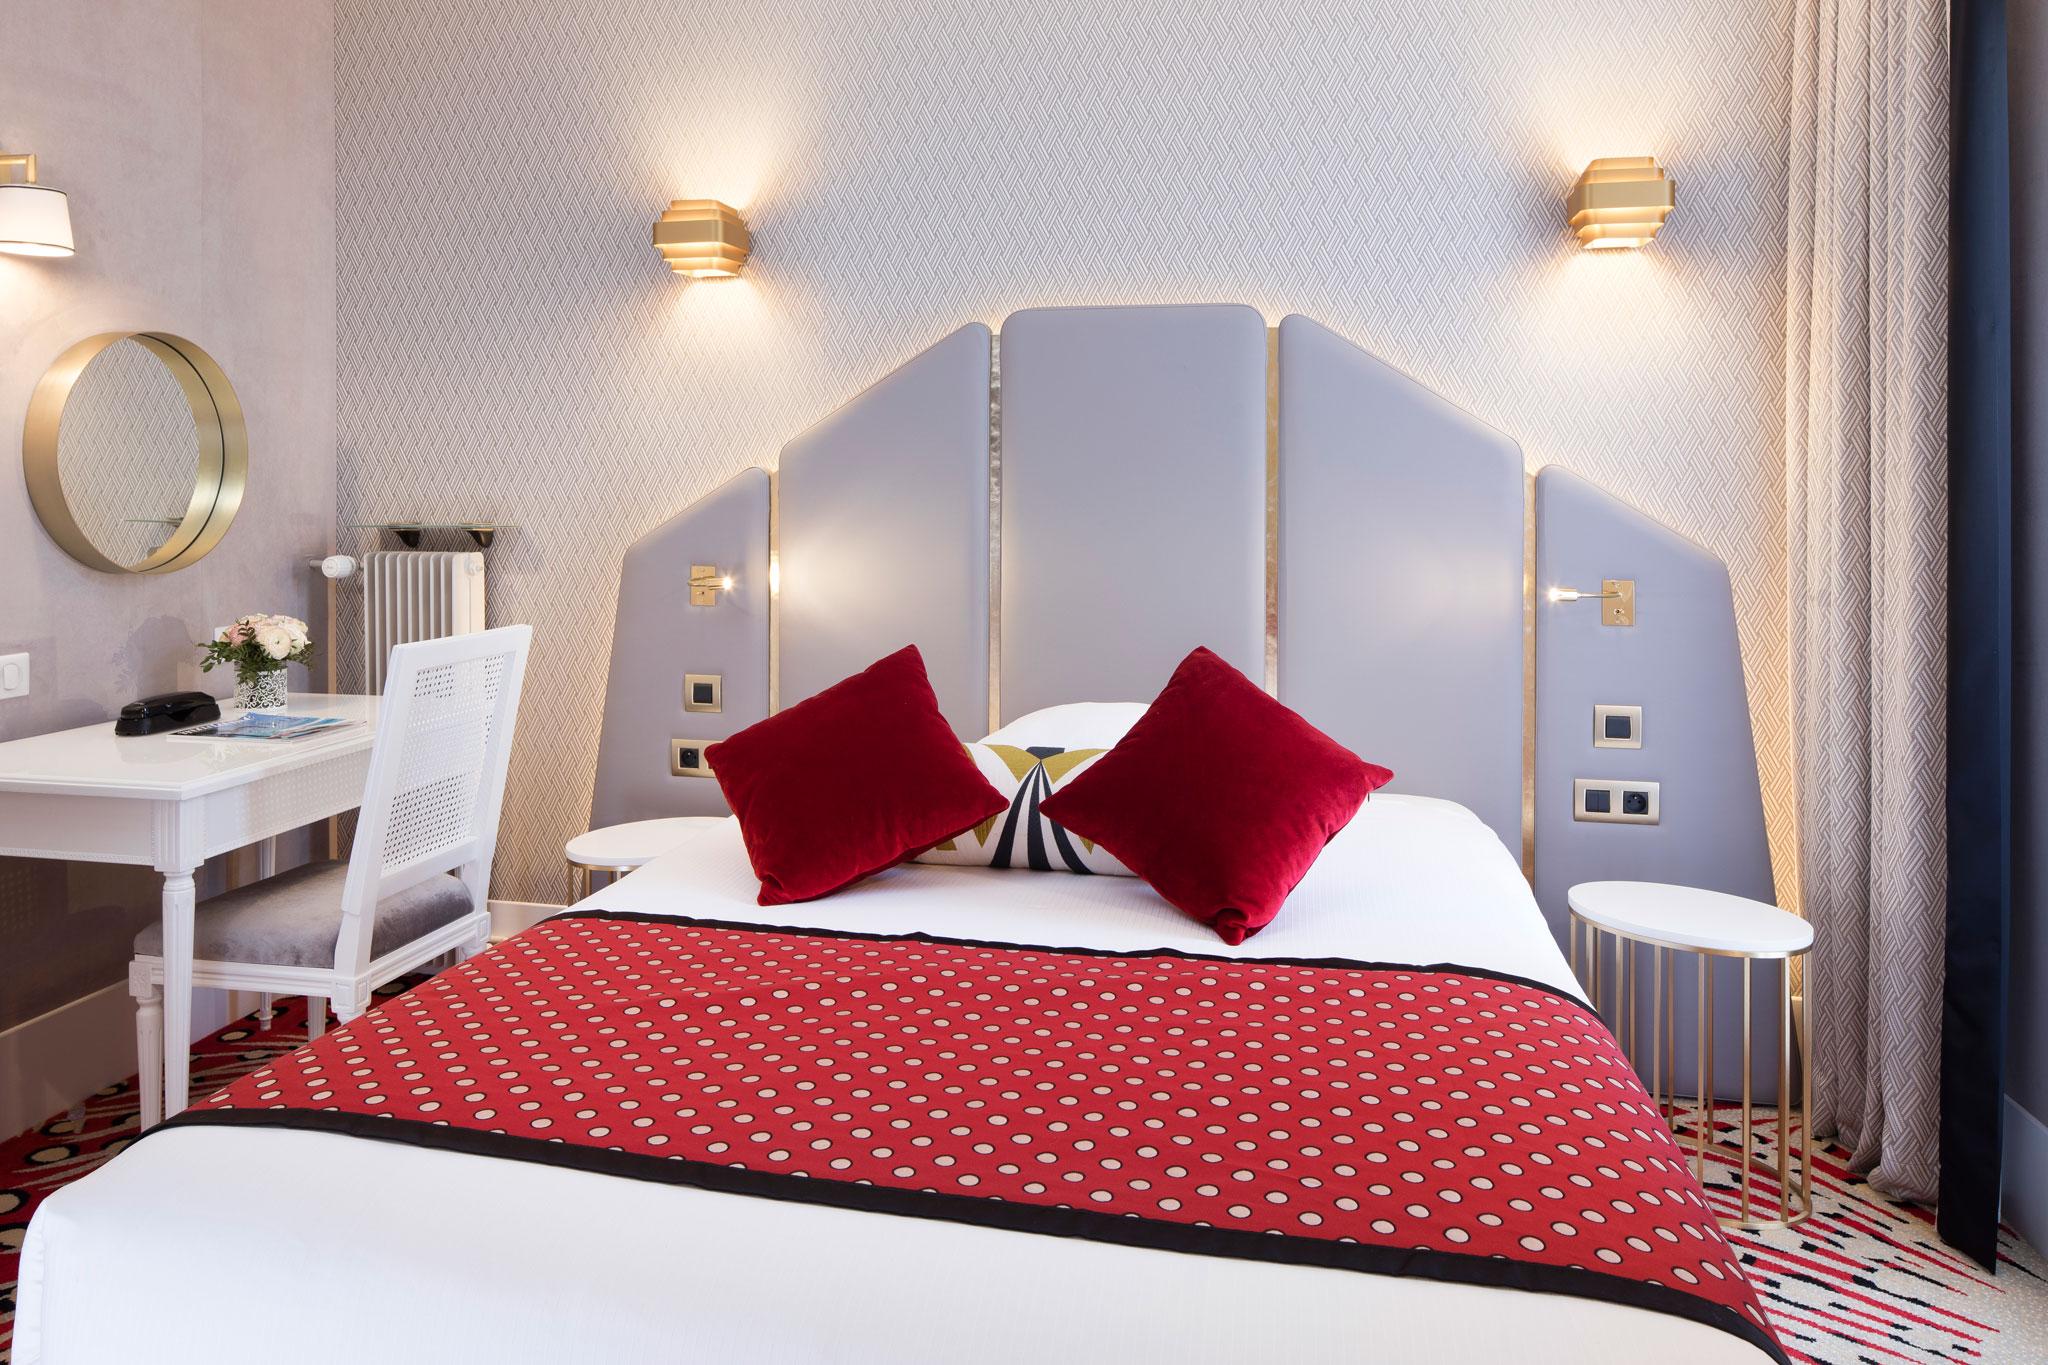 H tel victor hugo paris transat for Hotel paris chambre 4 personnes